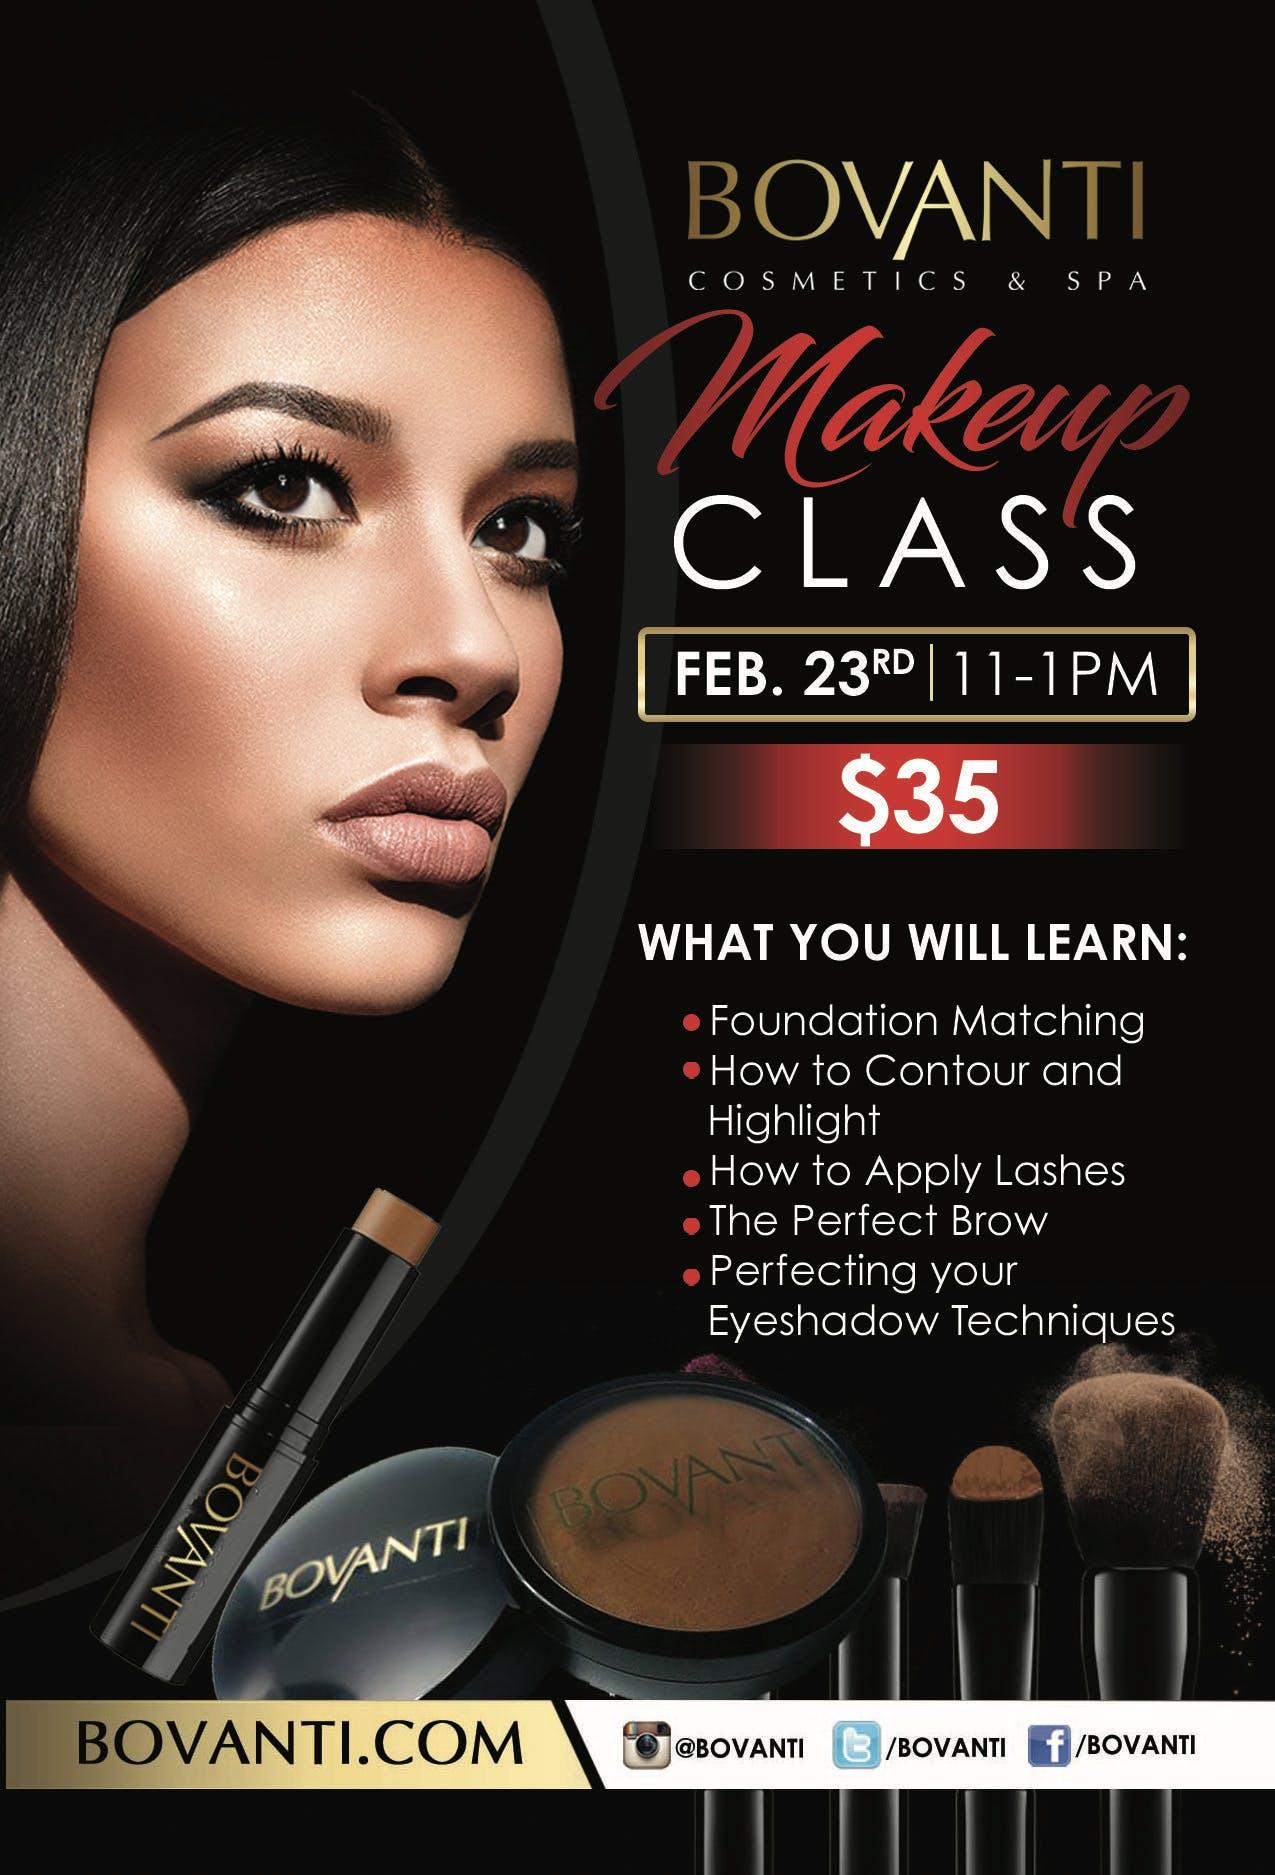 Bovanti Makeup Class